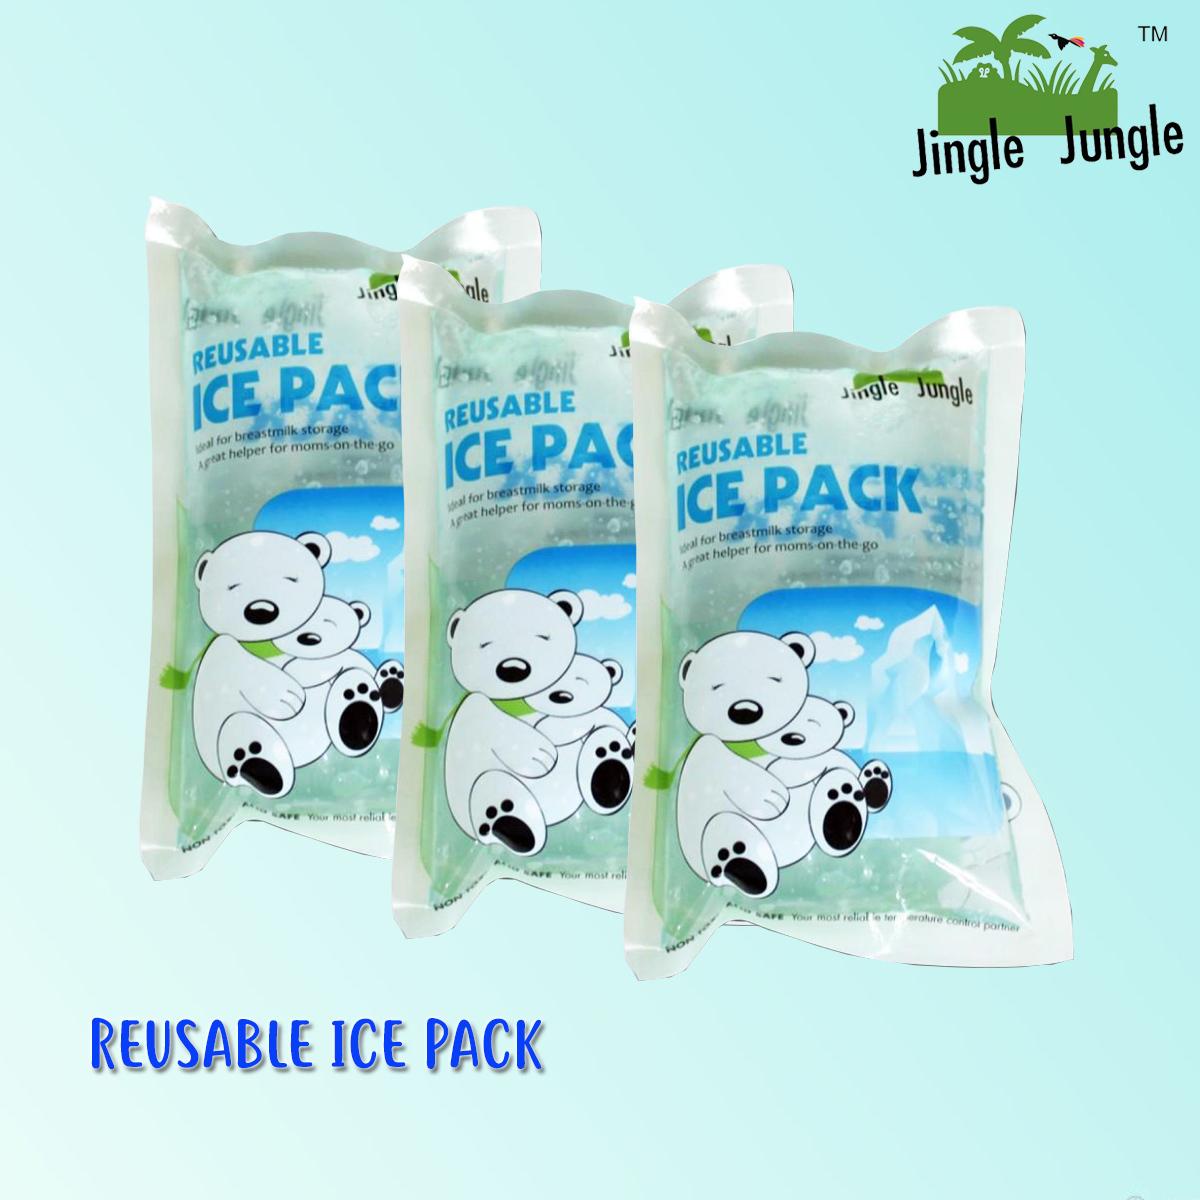 jingle jungle ice pack.jpg